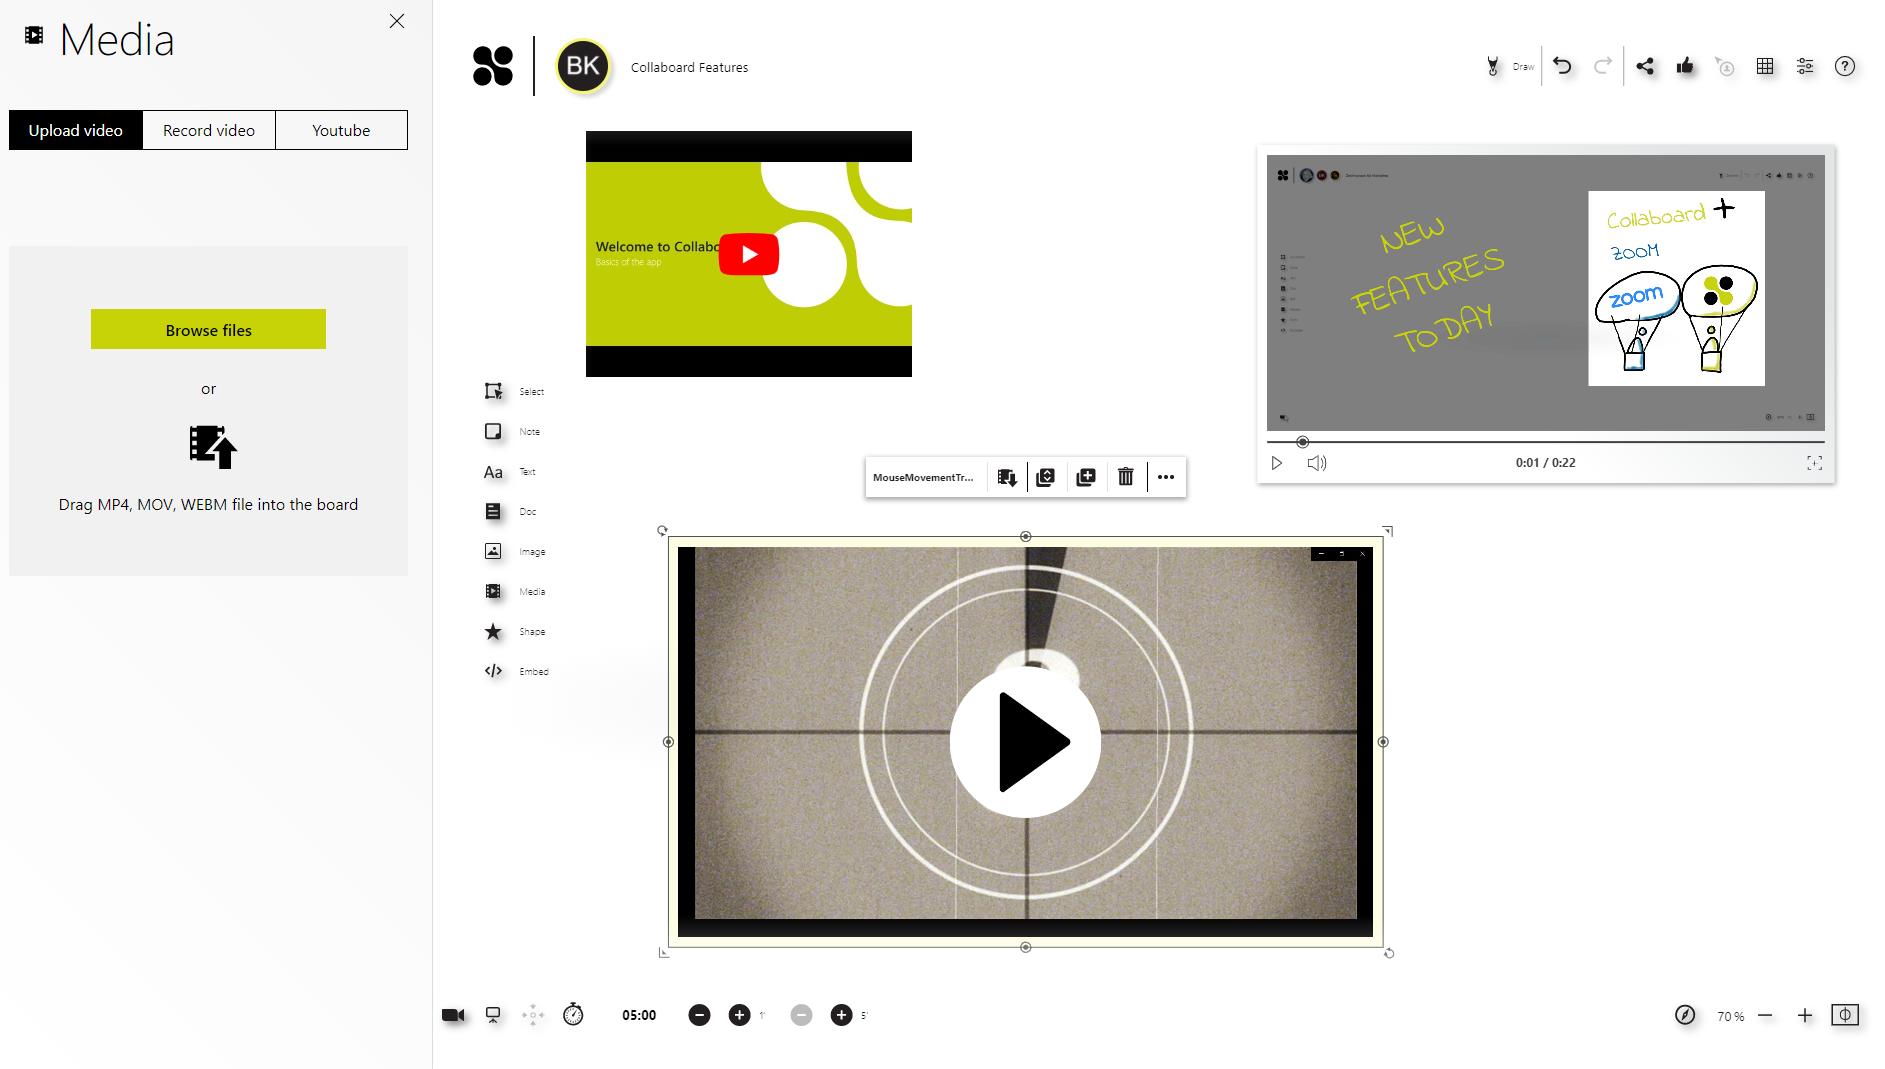 upload-video_big-image